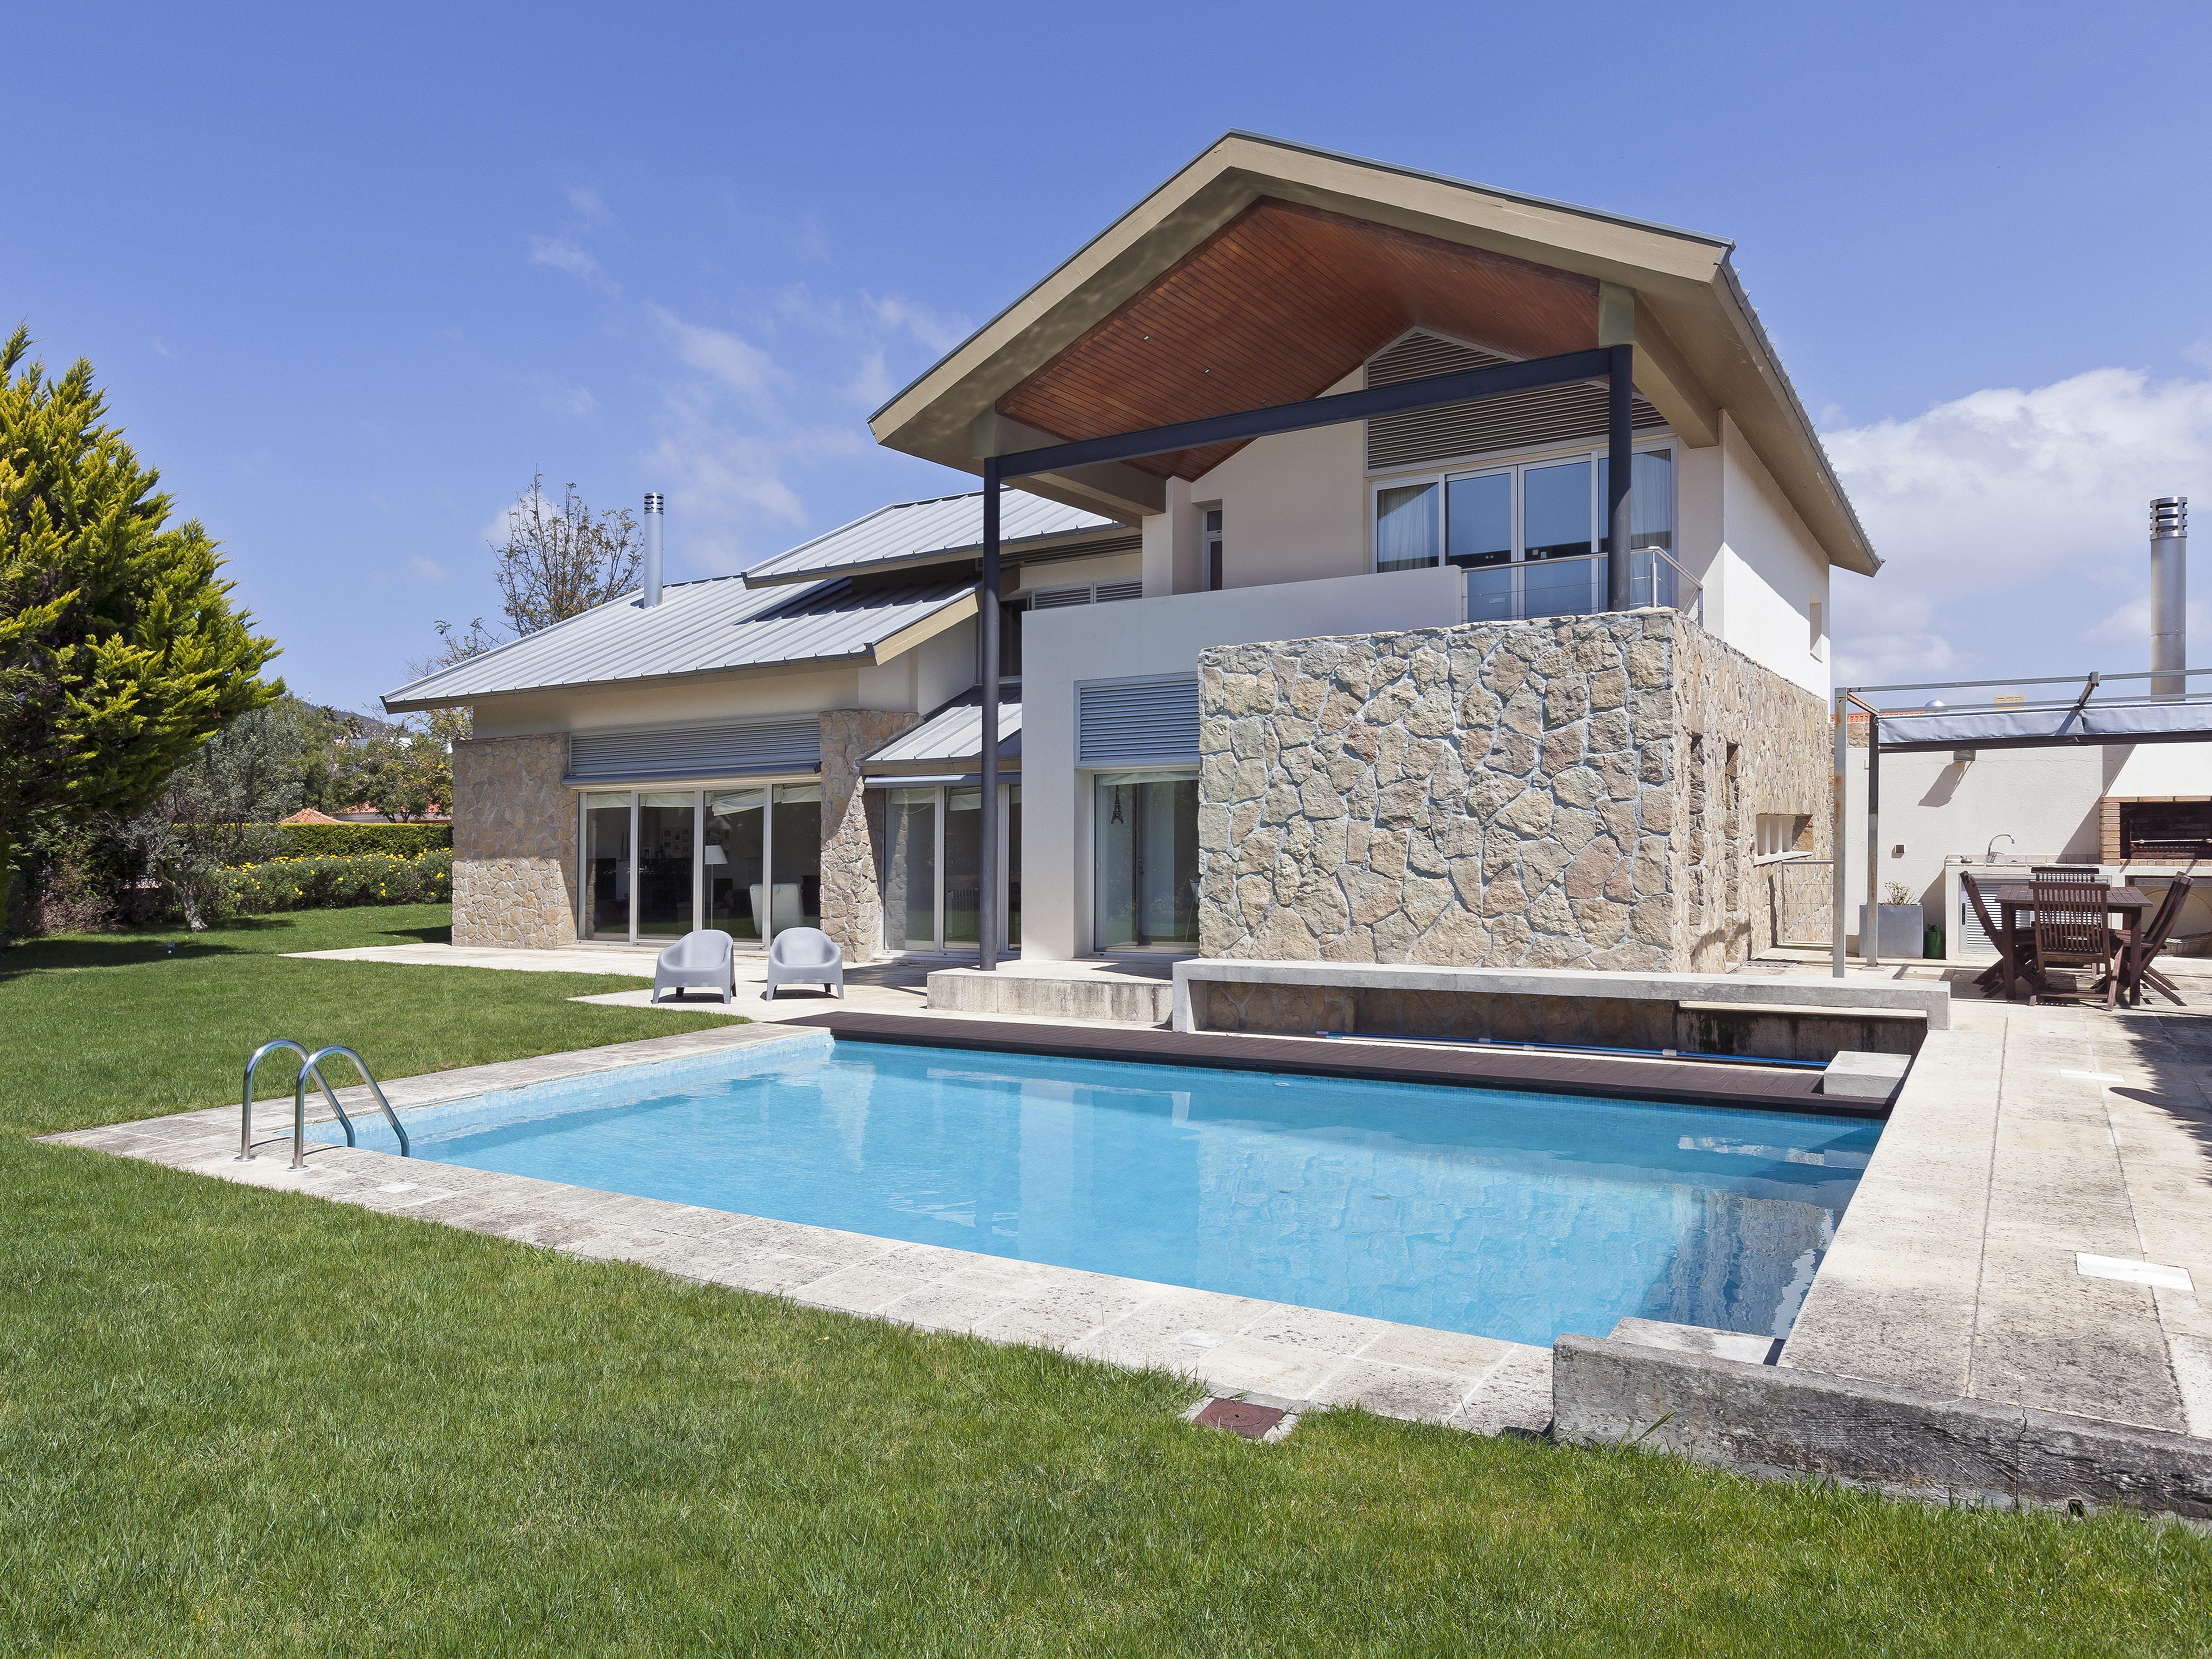 独户住宅 为 销售 在 House, 5 bedrooms, for Sale 辛特拉, 葡京, 2710-695 葡萄牙